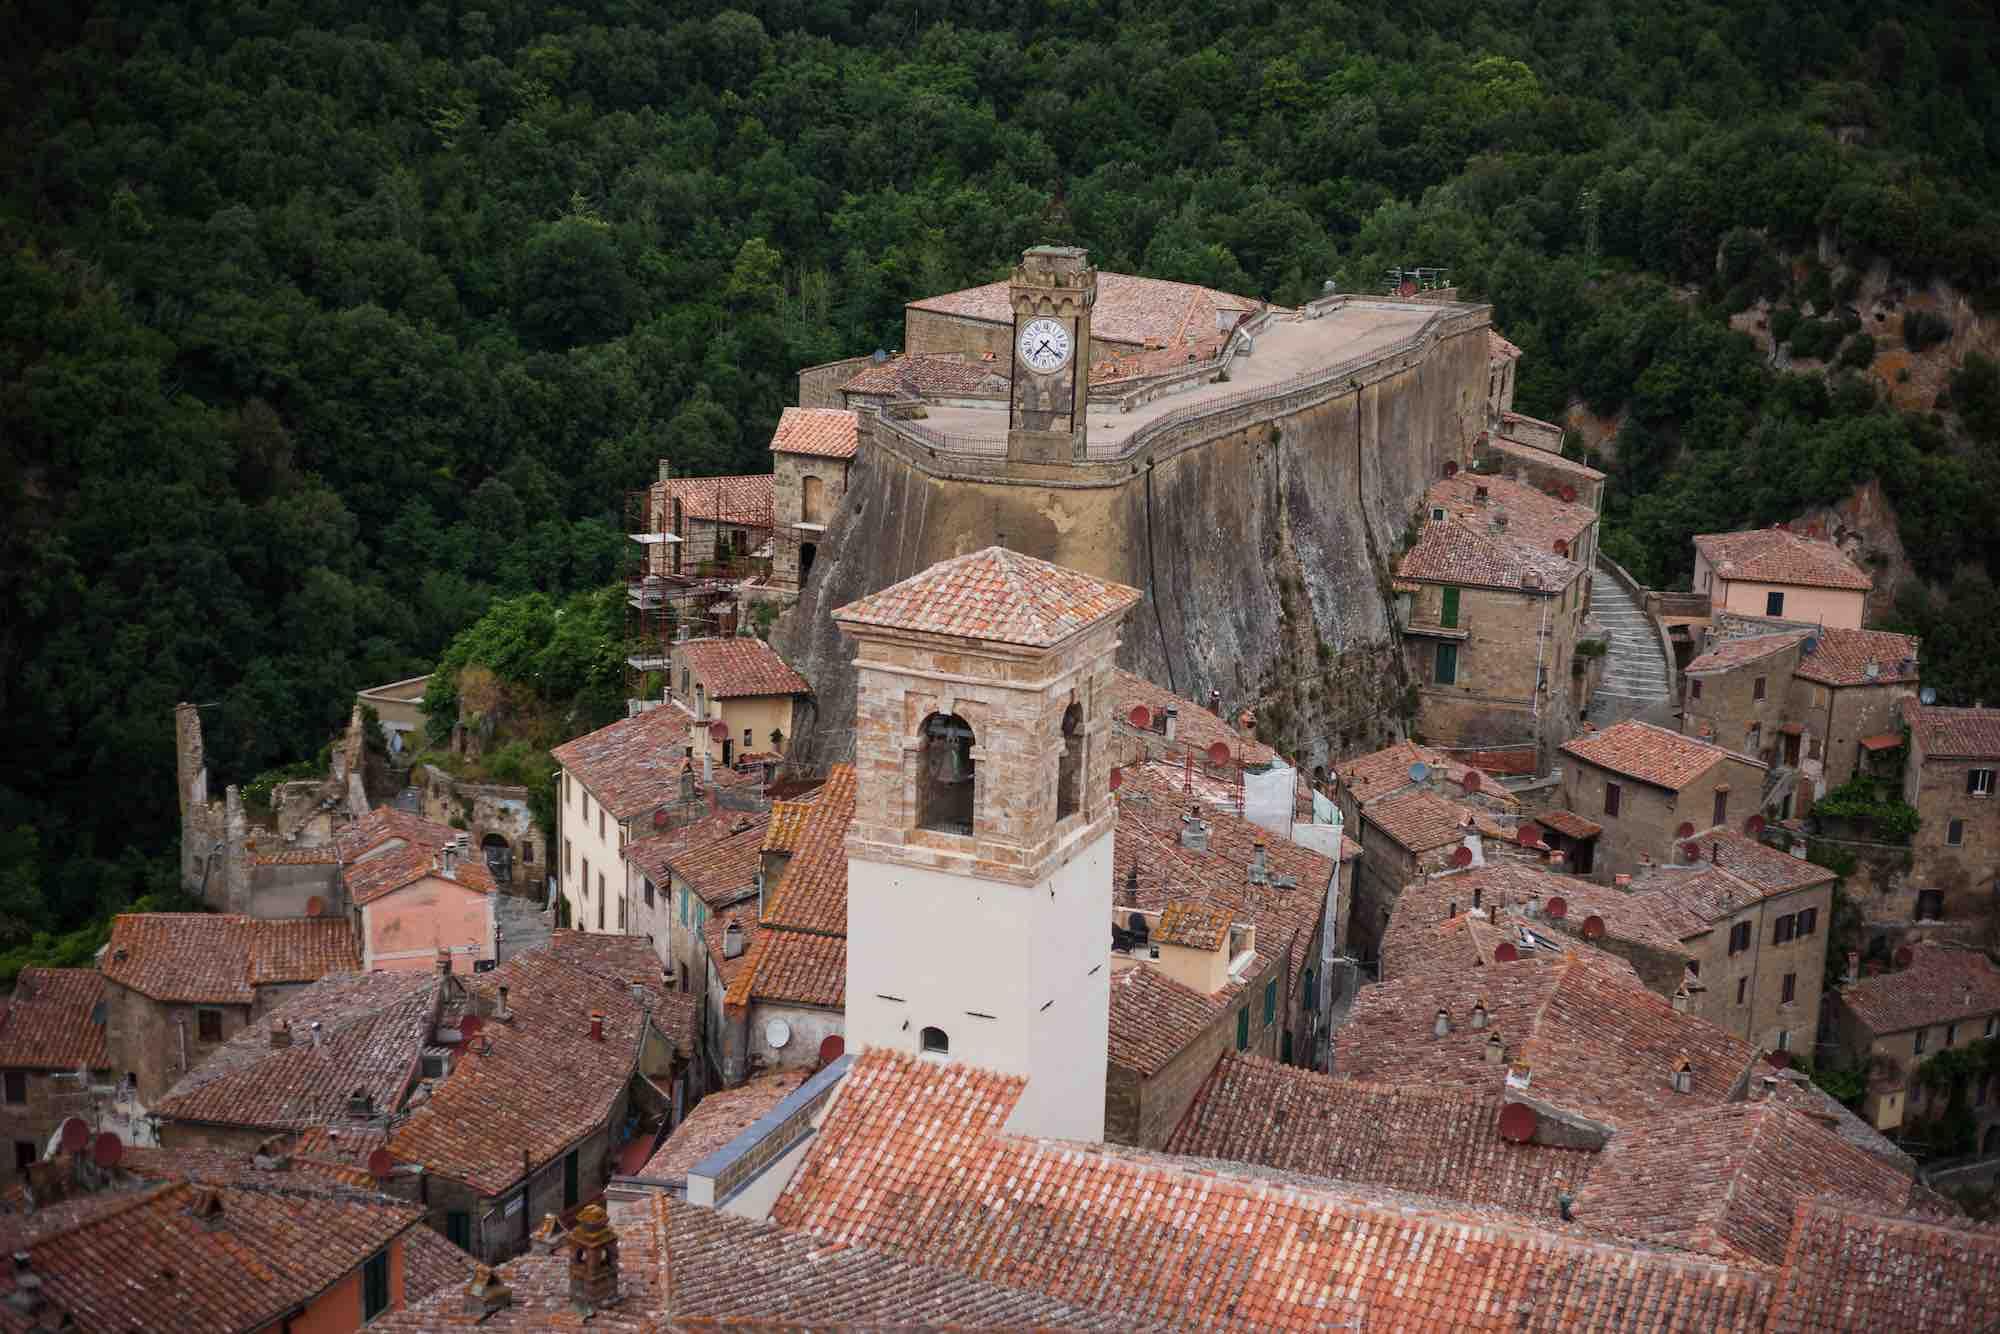 Tetti di Sorano e Fortezza Orsini ripresi dall'Hotell della Fortezza